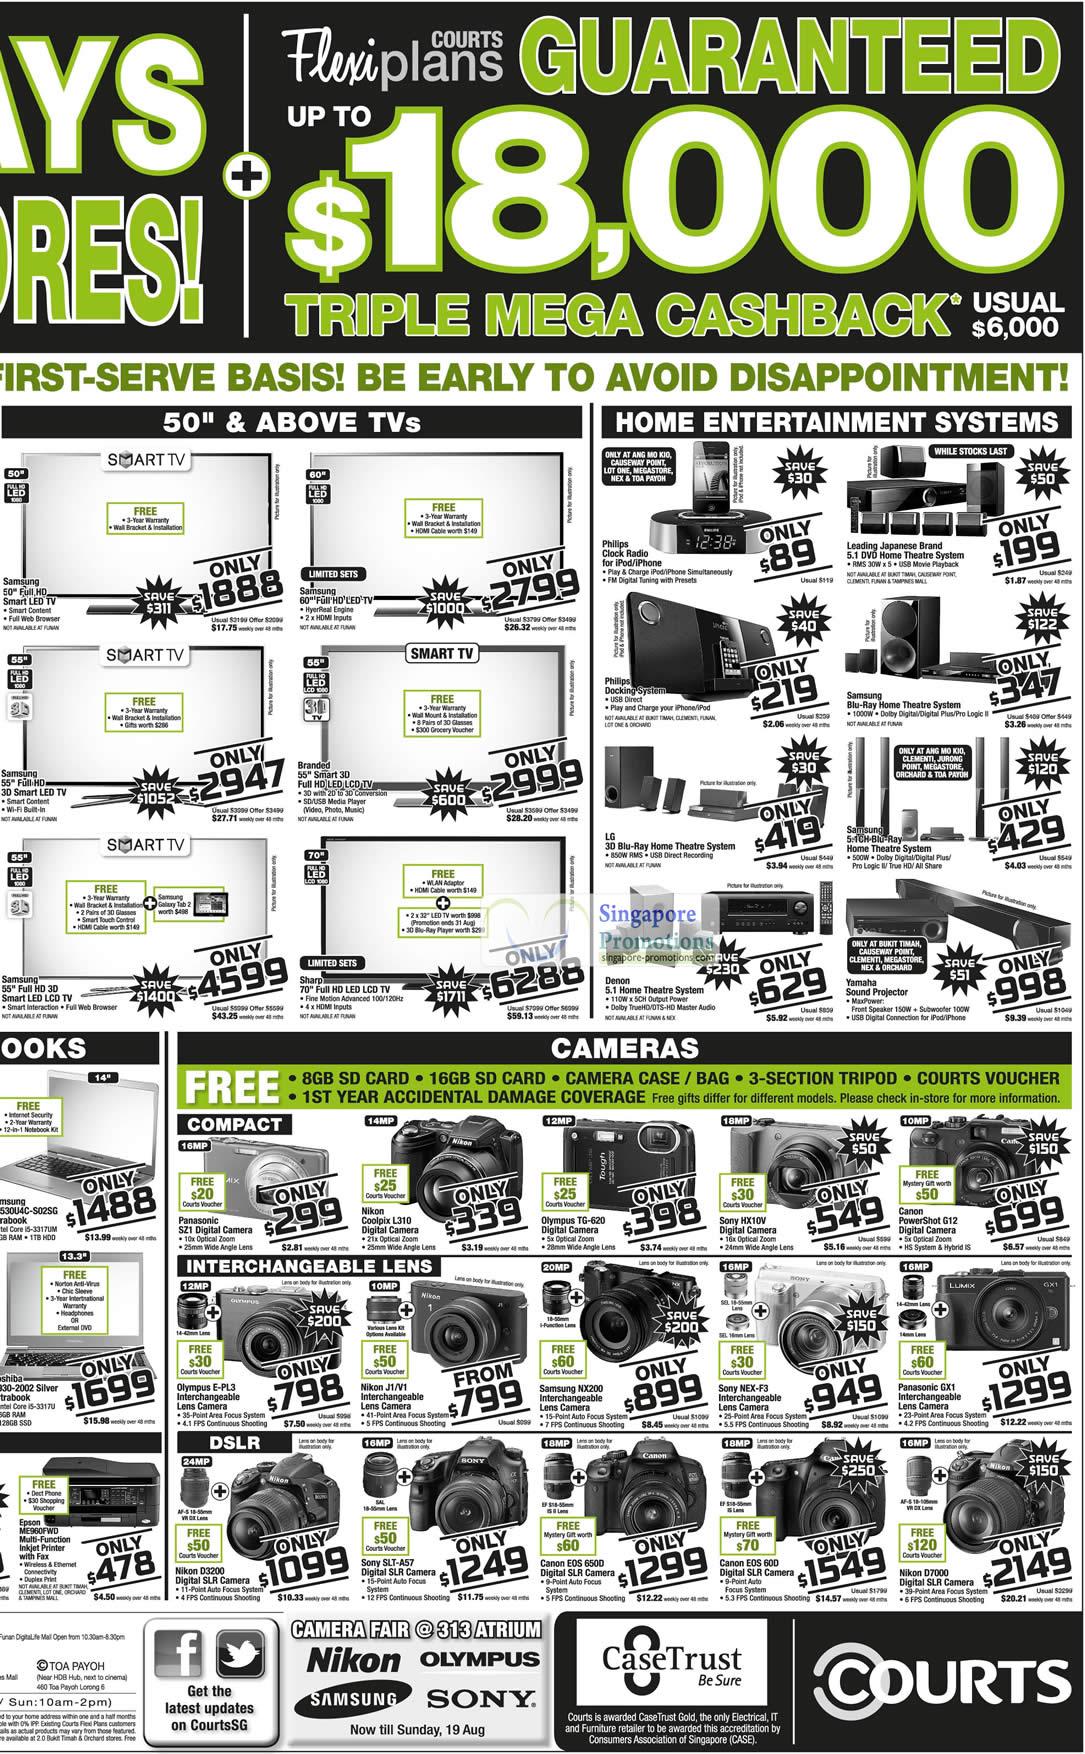 Notebooks, Digital Cameras, Samsung, Toshiba, Epson Printer, Panasonic, Olympus, Nikon, Canon, Olympus